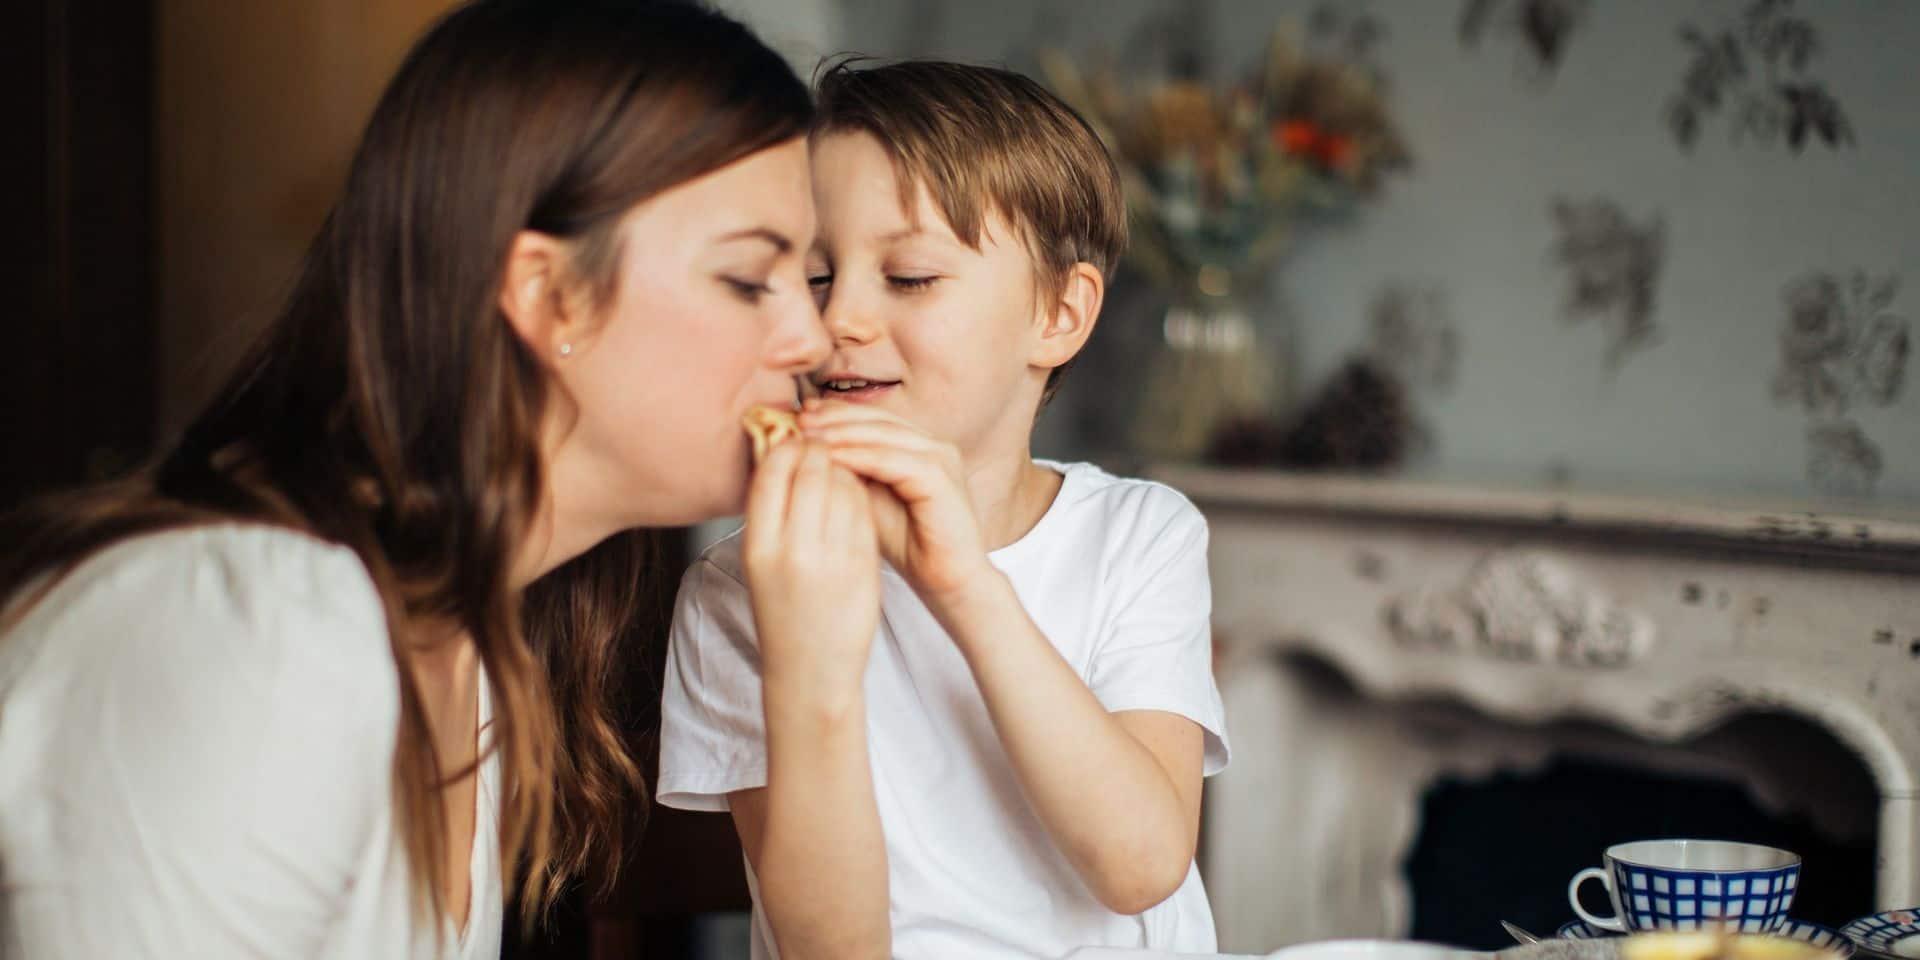 Comment freiner le grignotage quand on est confiné chez soi avec le travail, les enfants, l'ennui